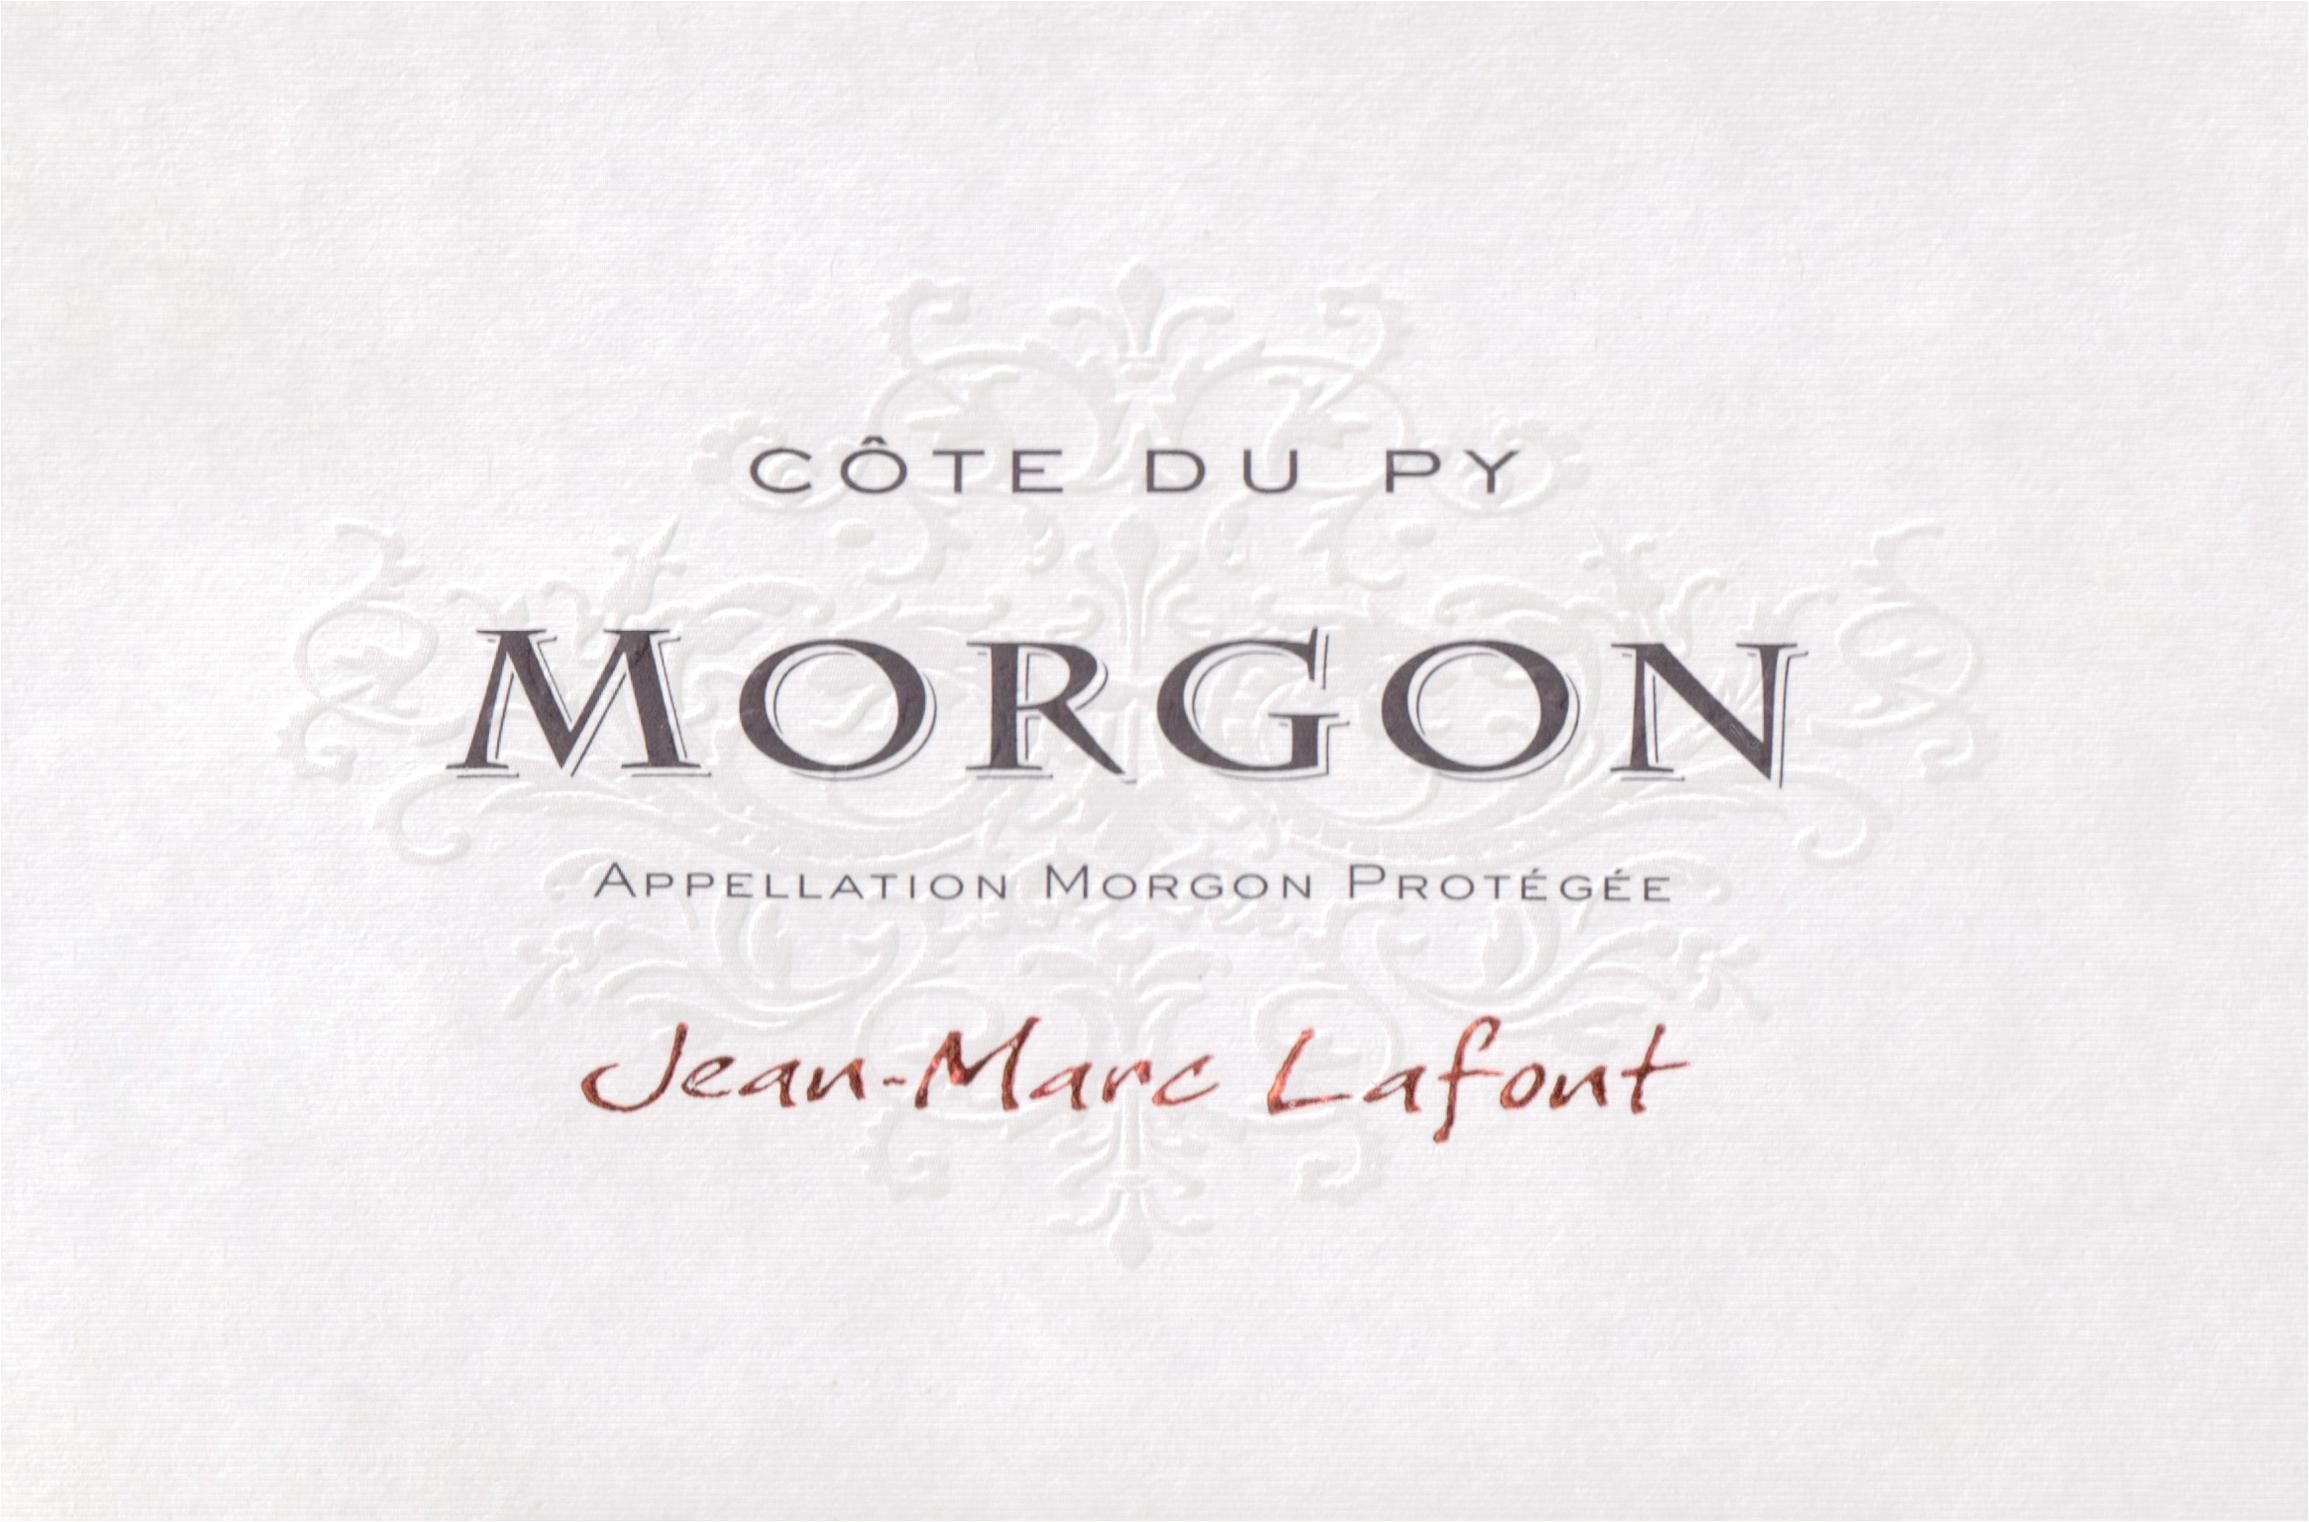 Jean Marc Lafont Morgon Cote Du Py 2018